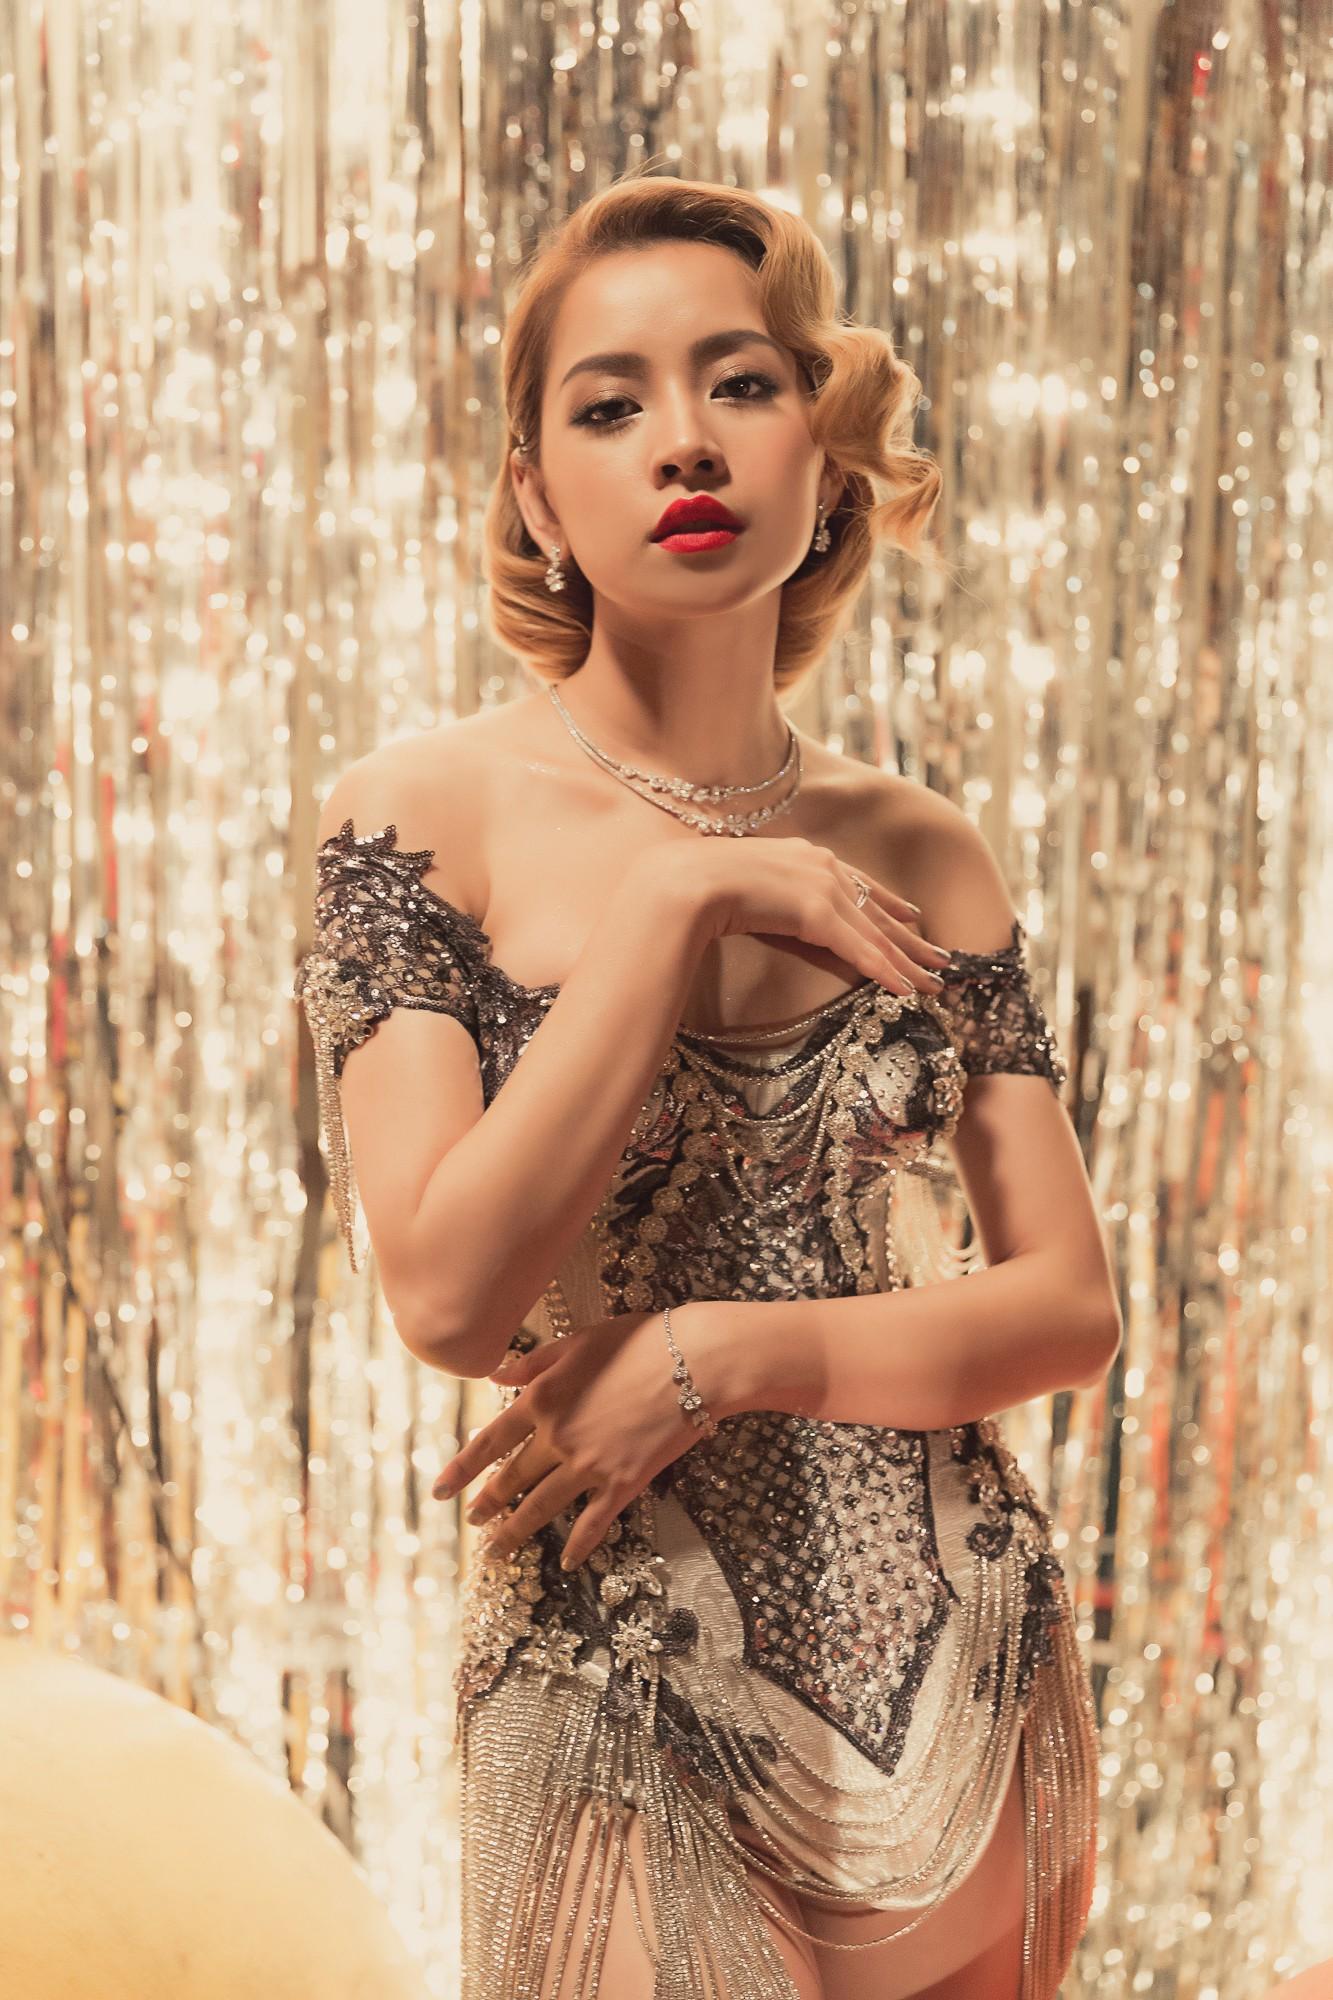 Chi Pu chuyển phong cách sexy khoe vòng 1 nảy nở bất ngờ trong MV mới